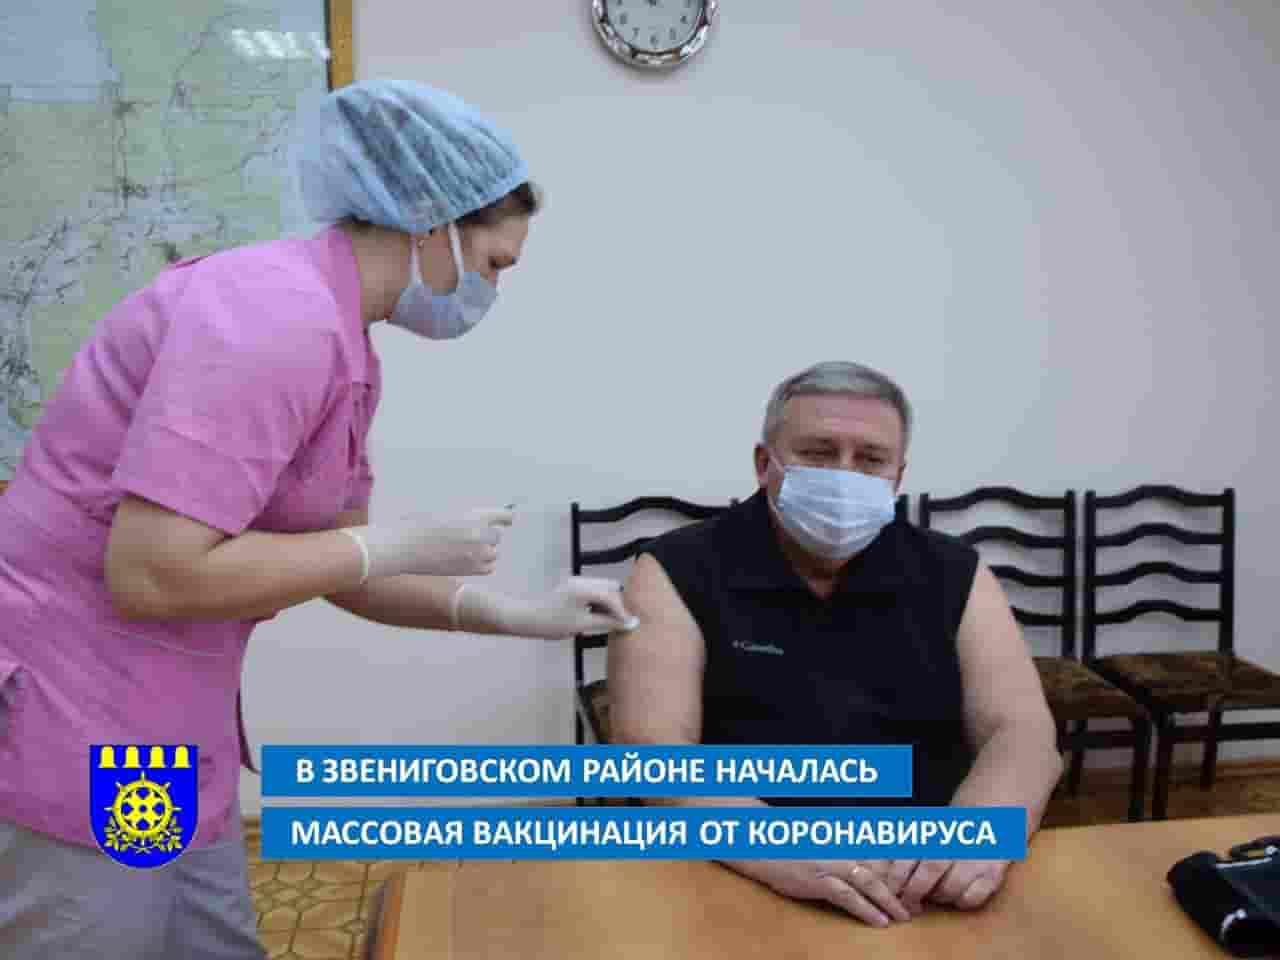 В Звениговском районе началась массовая вакцинация от коронавируса